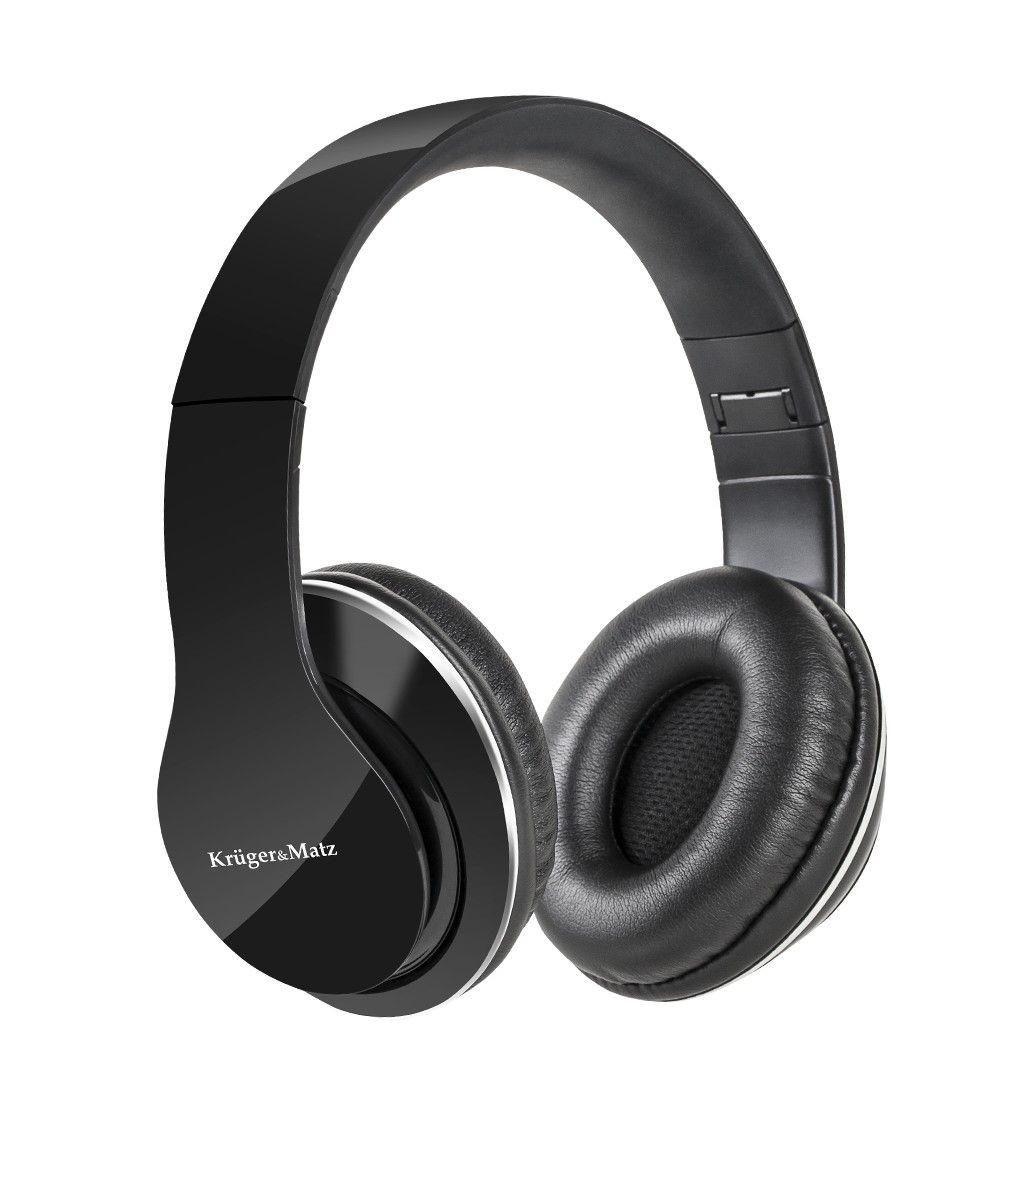 Kruger & Matz Słuchawki przewodowe nauszne Street czarne